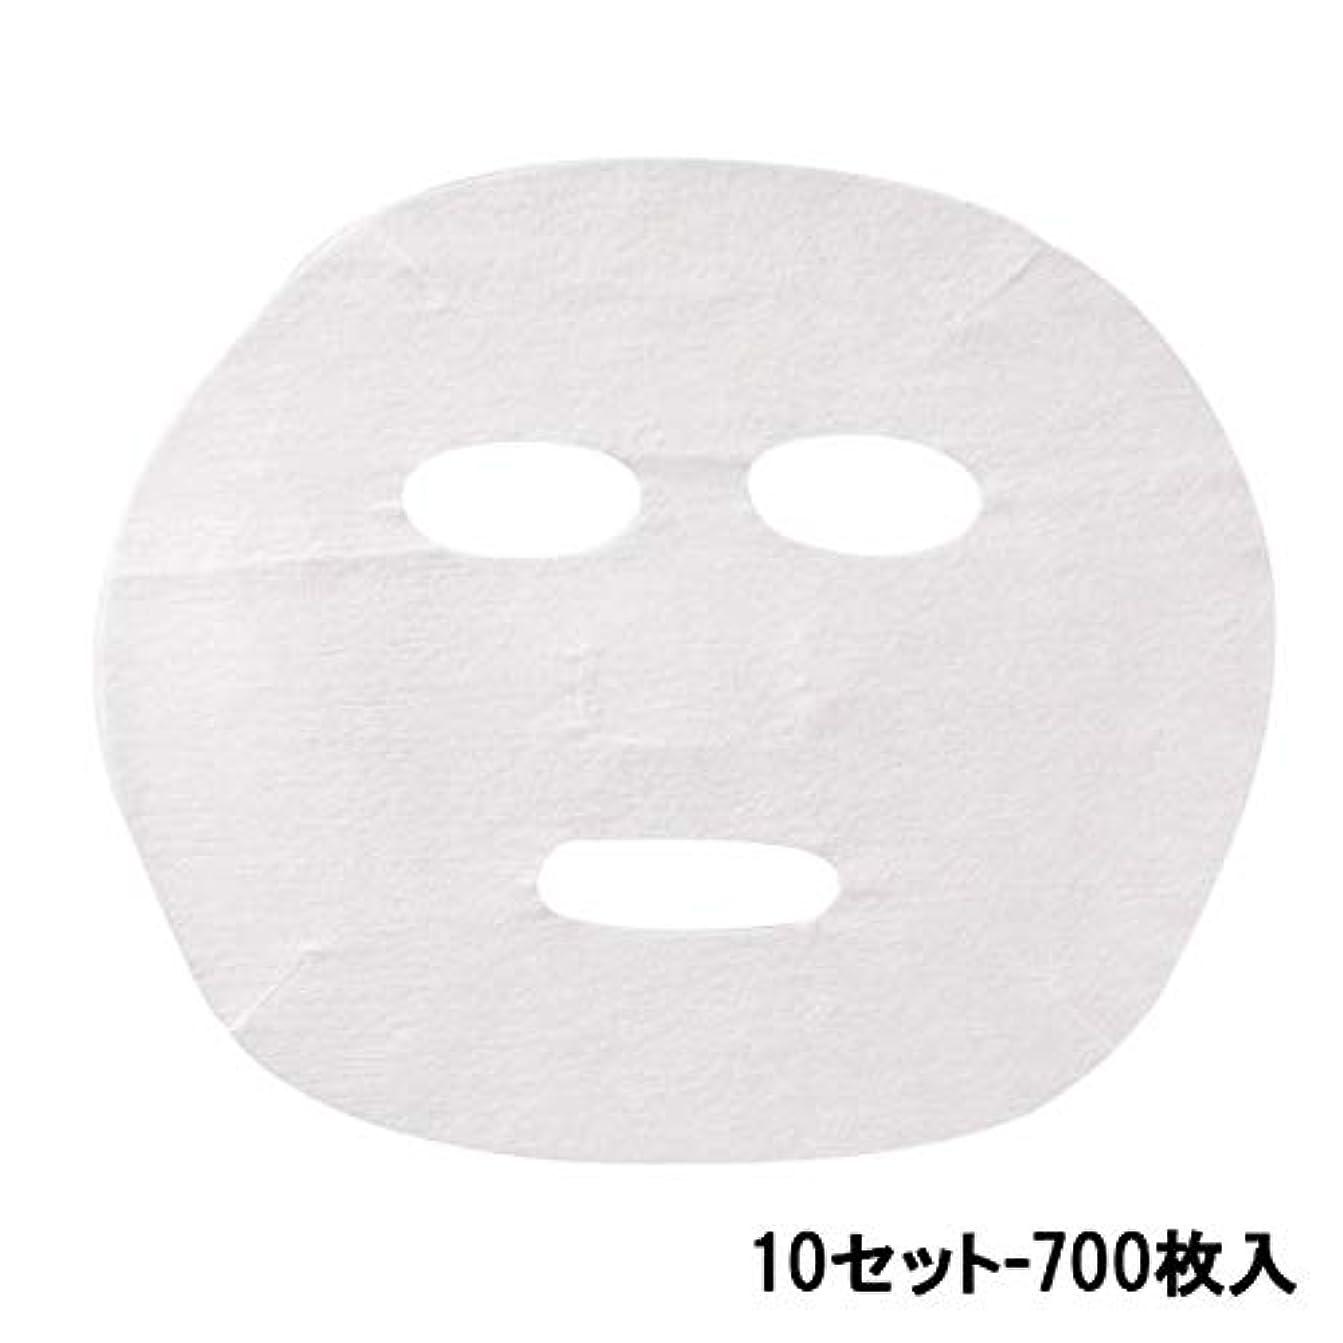 センブランス寂しい比類なきフェイシャルシート (薄手タイプ) 70枚入 22.5×18.5cm (10セット-700枚入) [ フェイスマスク フェイスシート フェイスパック フェイシャルマスク フェイシャルパック ローションマスク ローションパック...